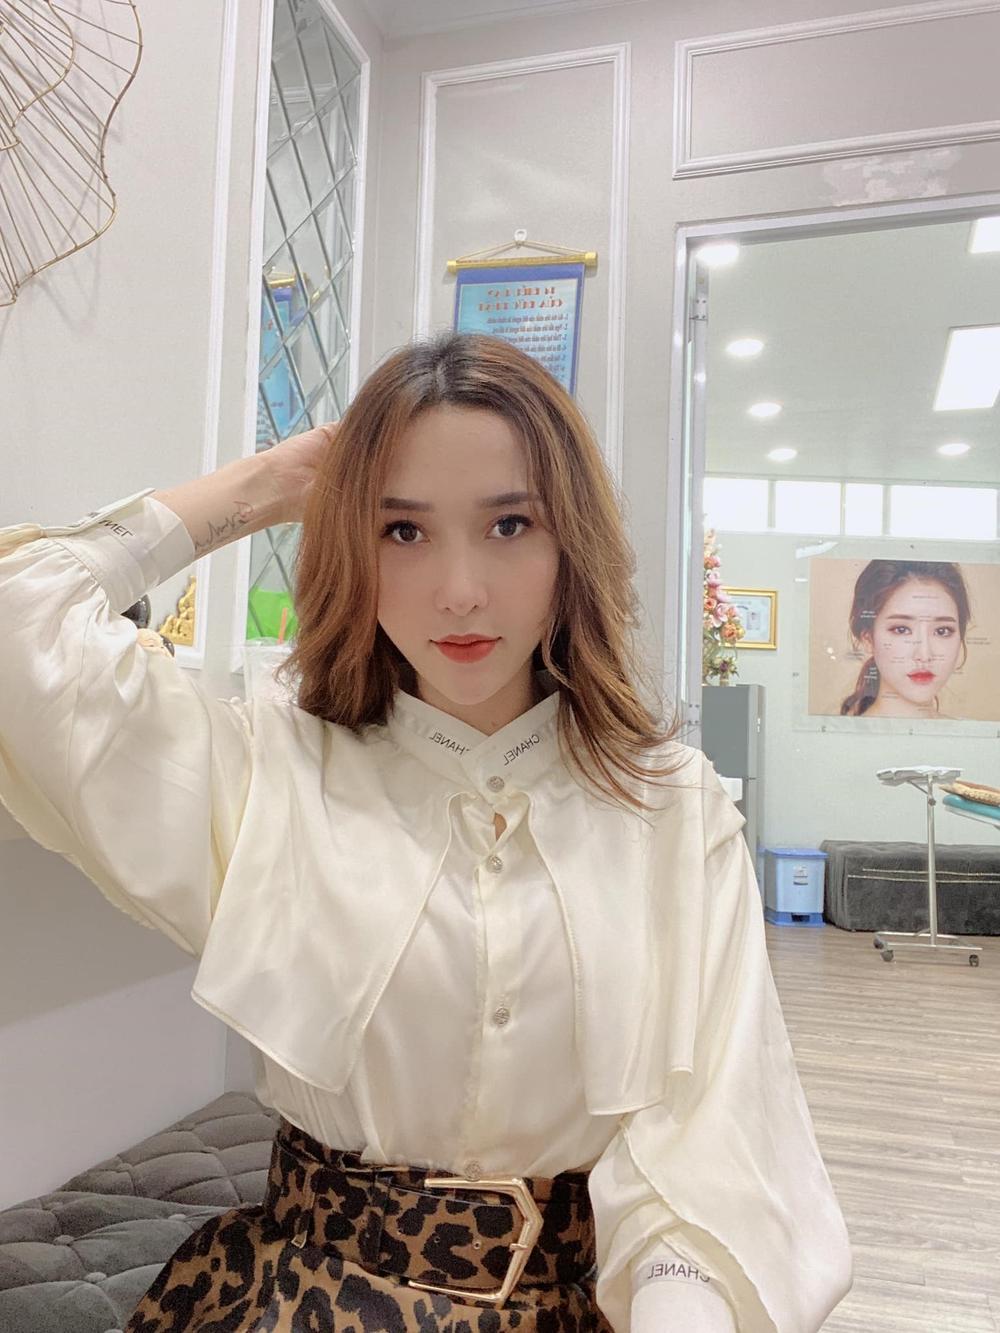 Nguyễn Hồng Boutique tái thiết lập thương hiệu Nguyễn Hồng Store Ảnh 2